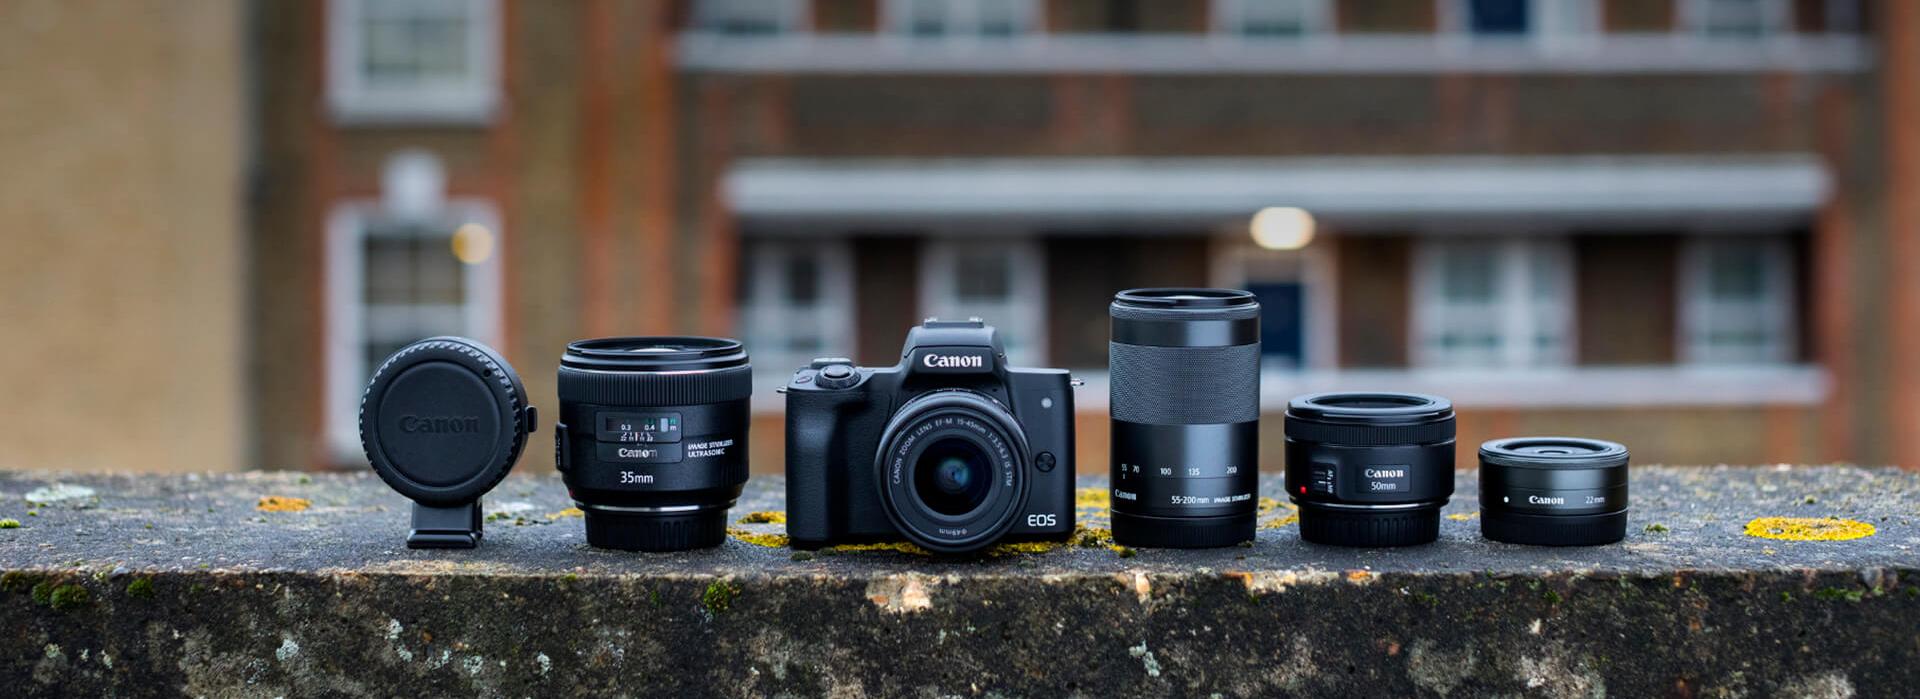 Canon-EOS-M50-mit-Objketiven-bei-Foto-Seitz